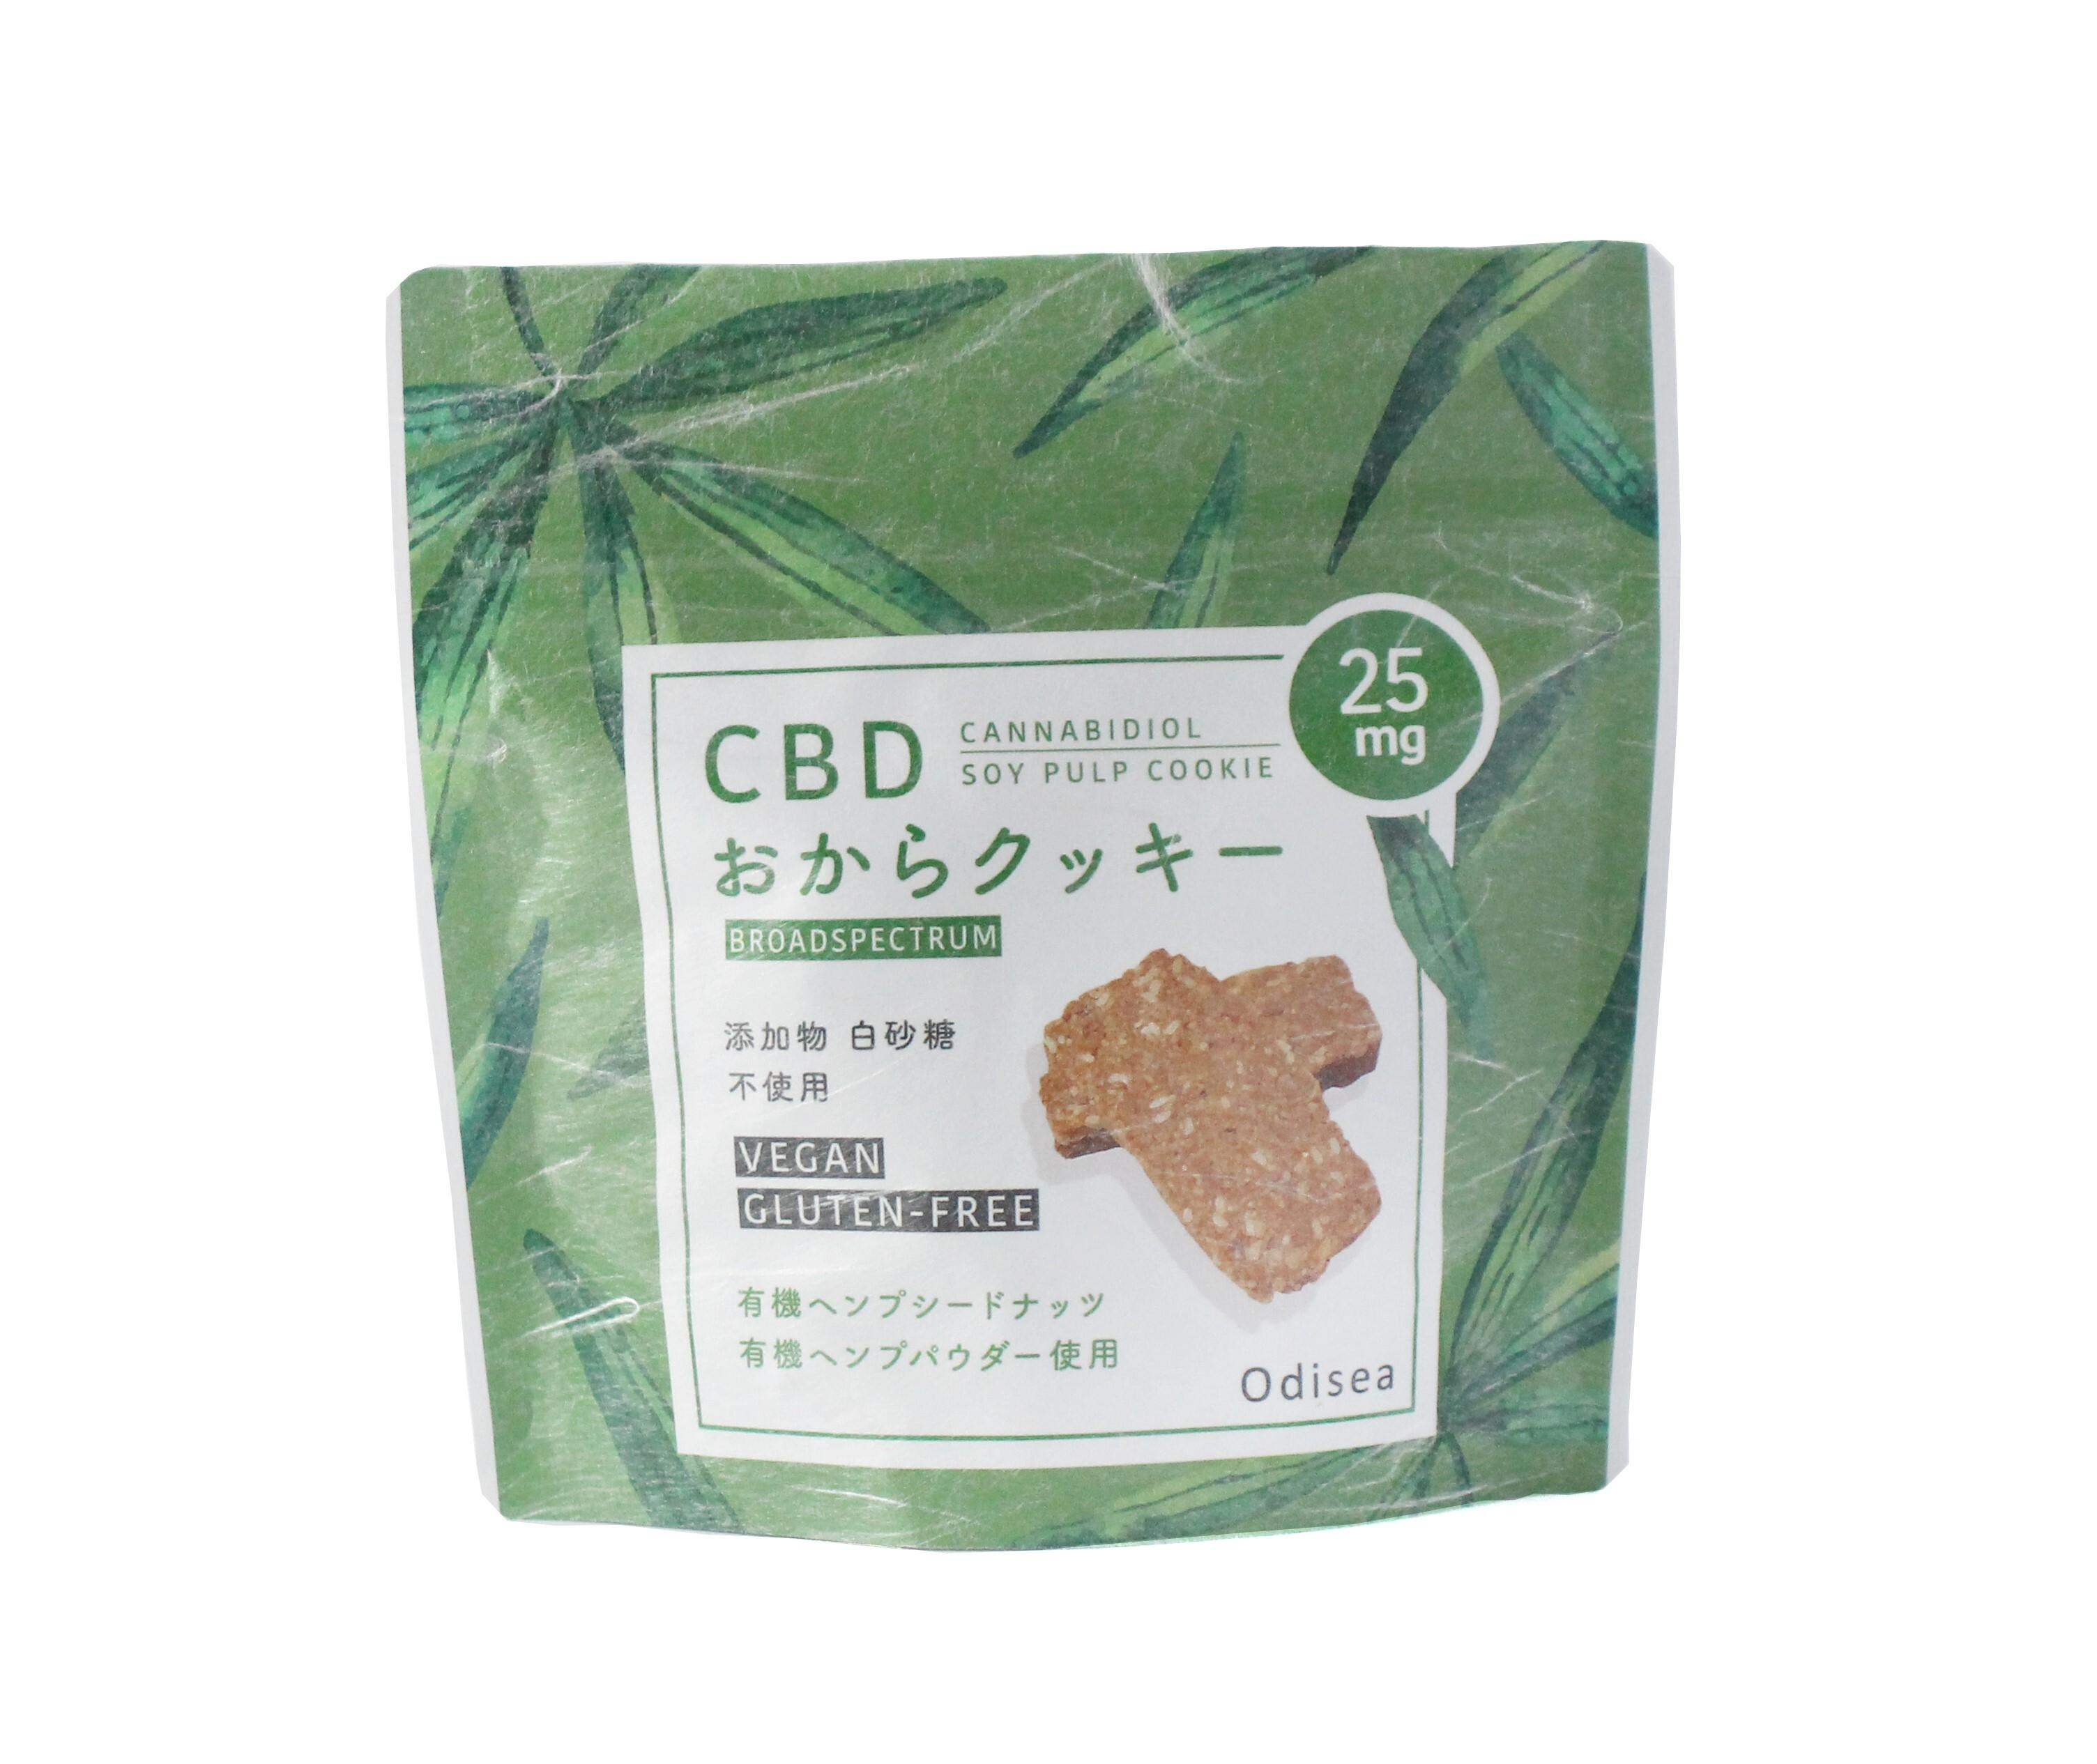 【1枚25mg】CBDおからクッキー 7枚入